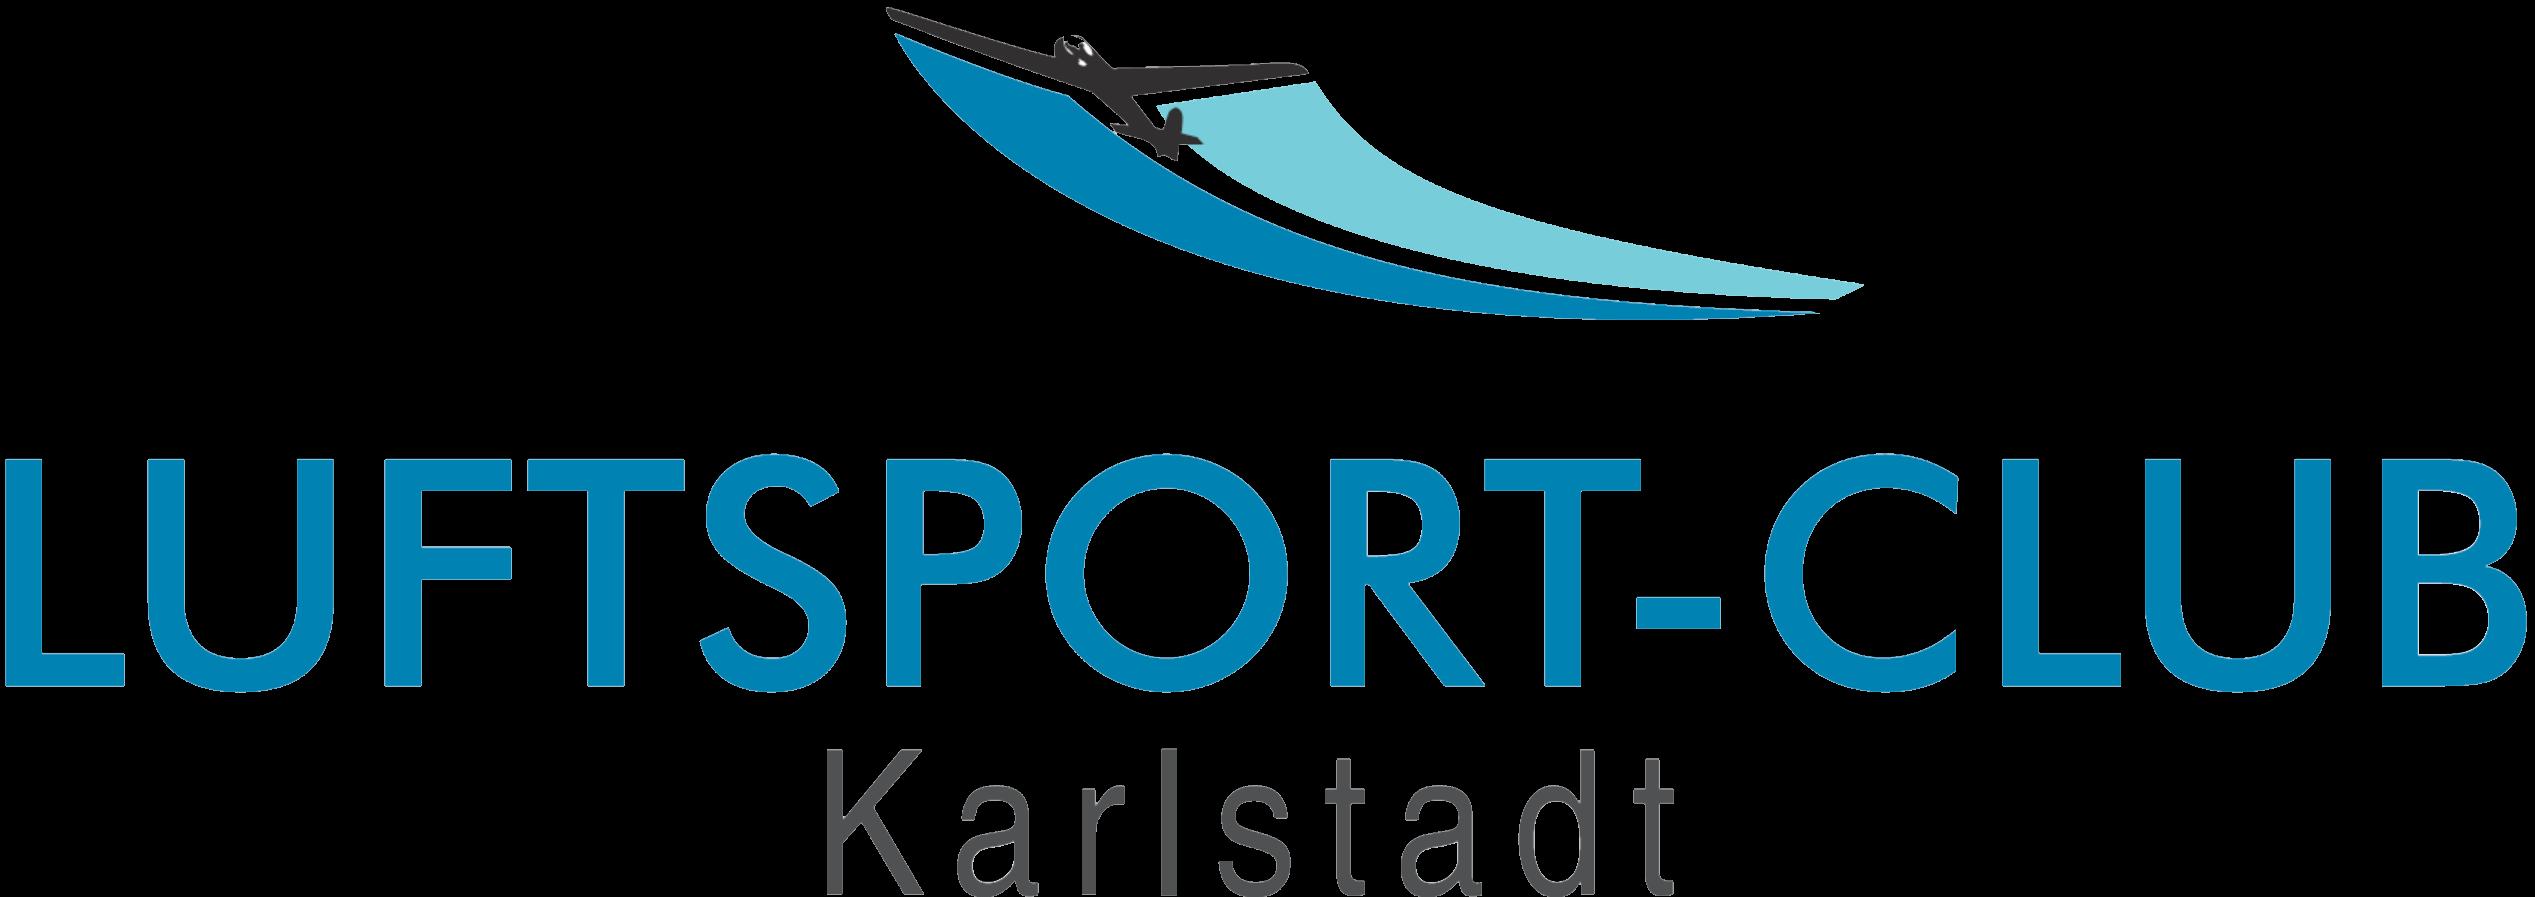 Luftsport-Club Karlstadt e.V.